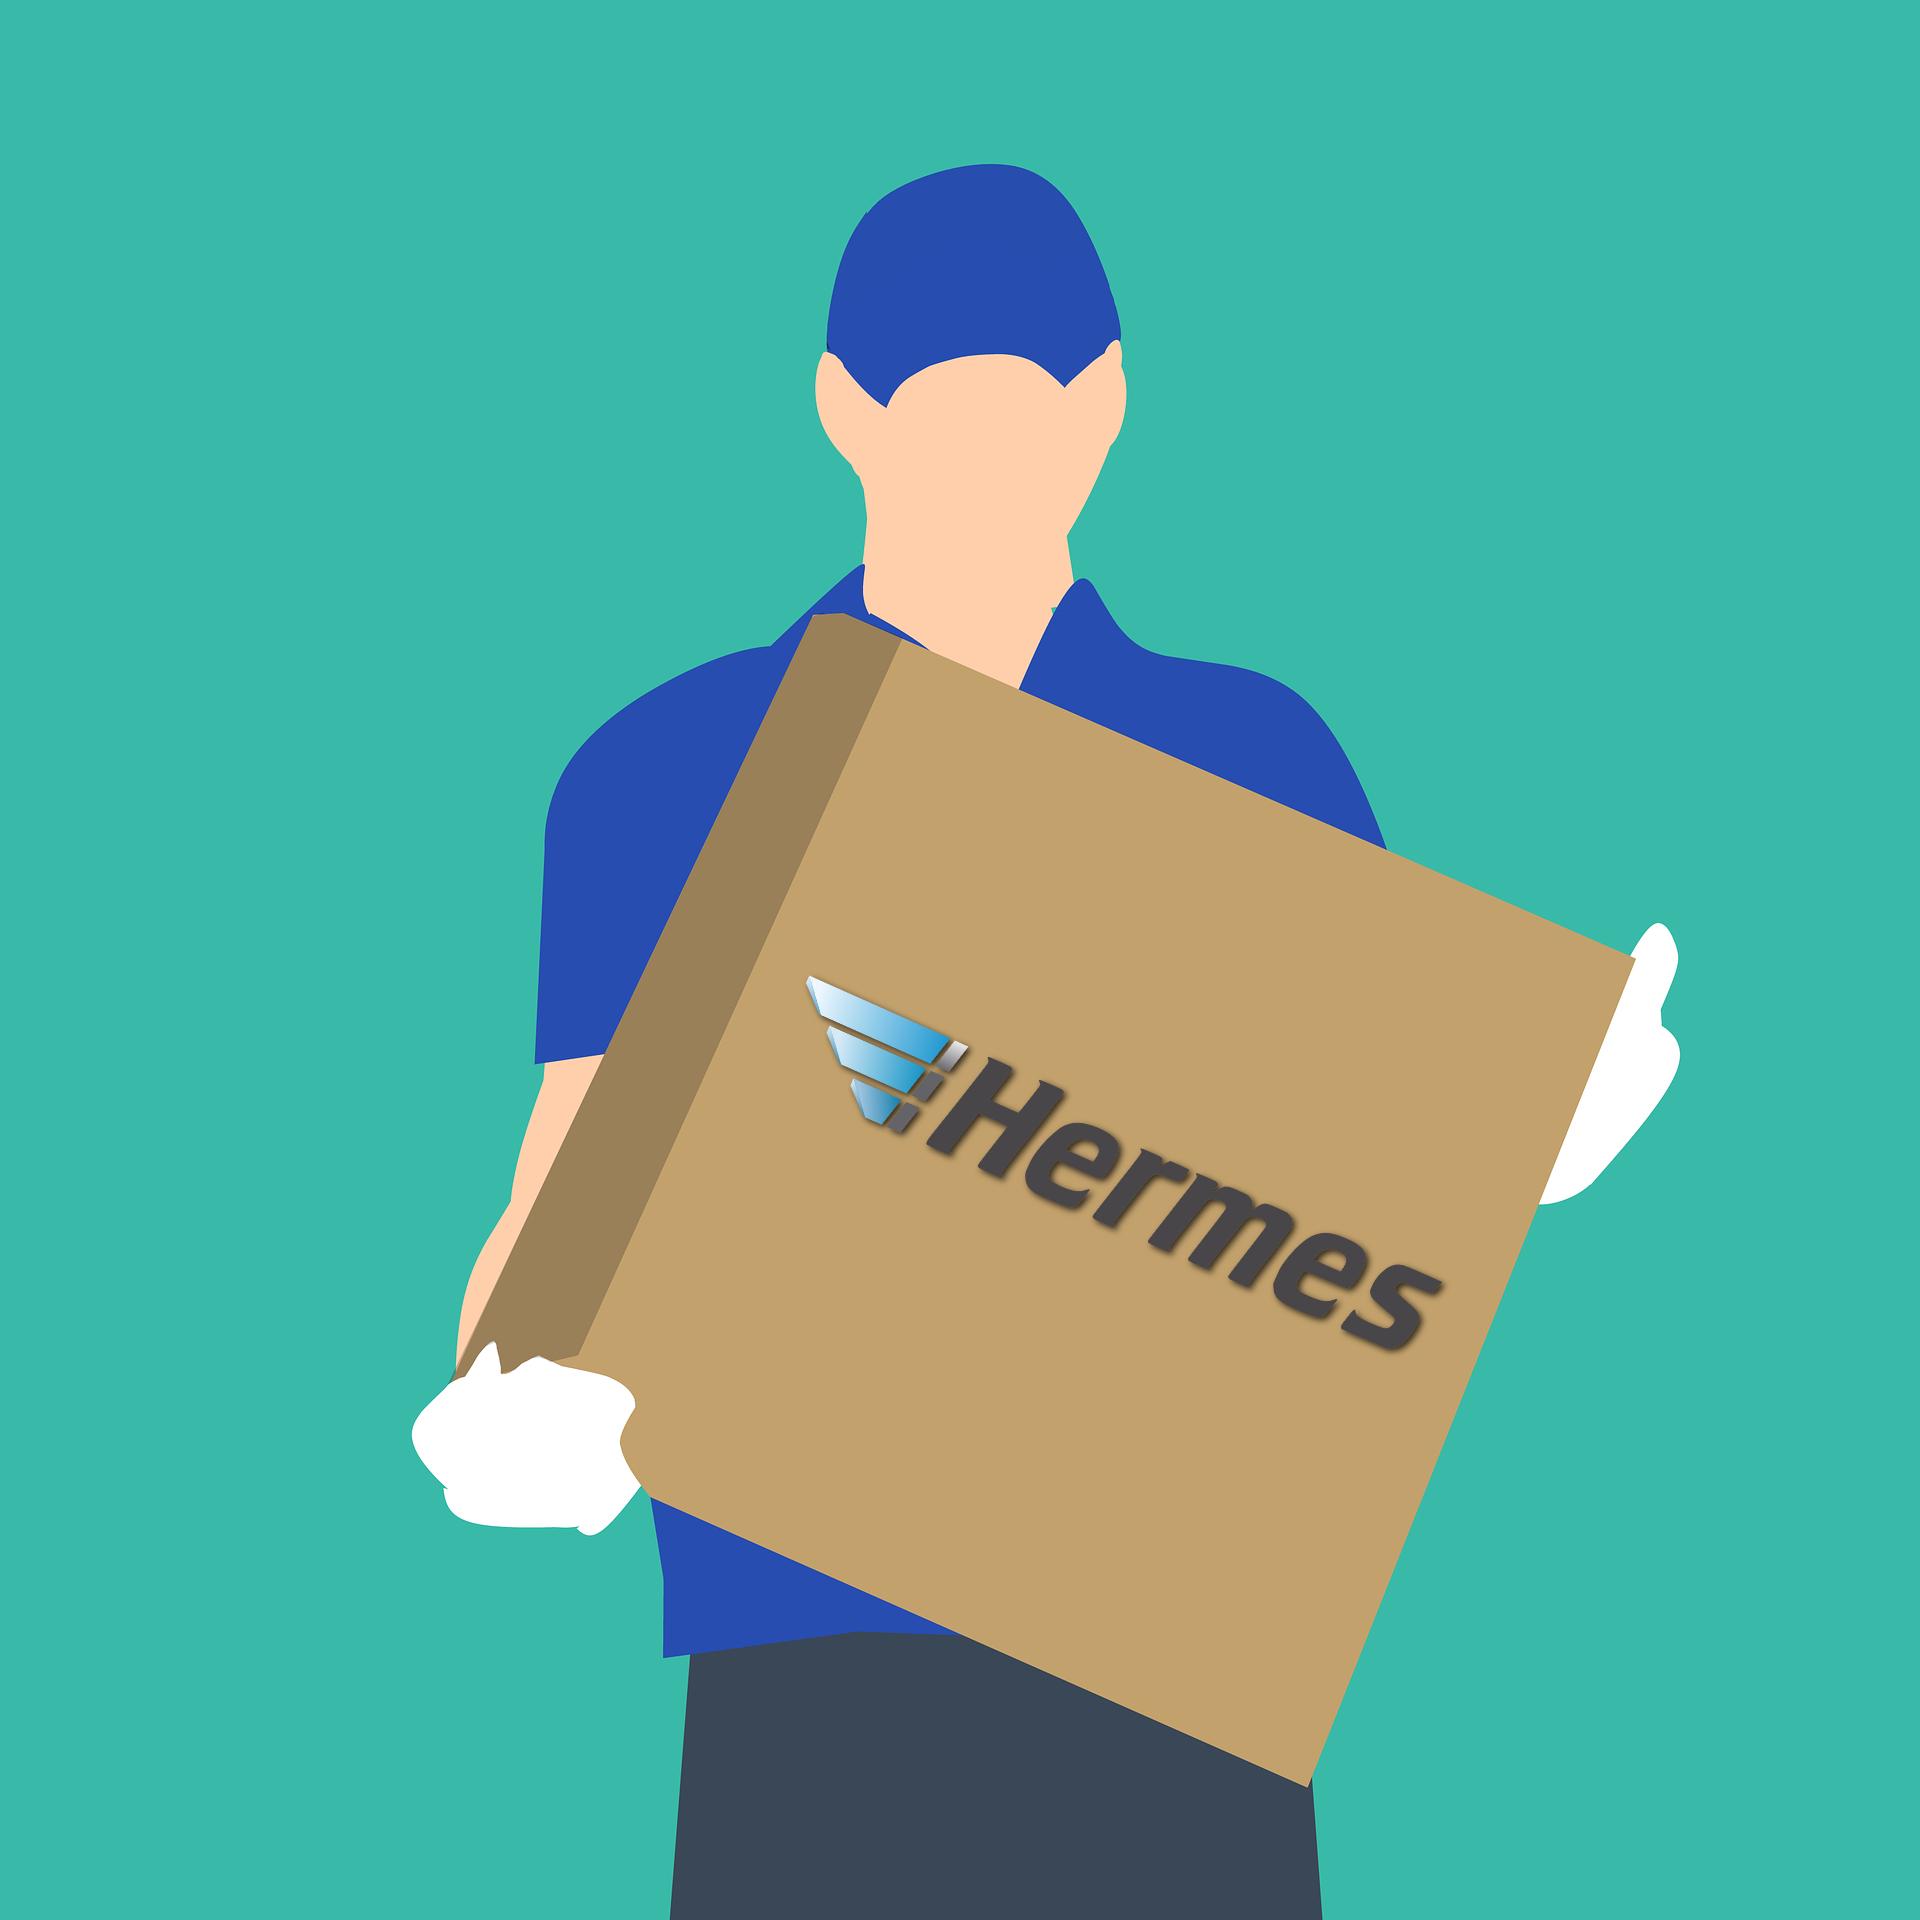 Hermes Beschwerde Online Per Mail Oder Am Telefon Einreichen